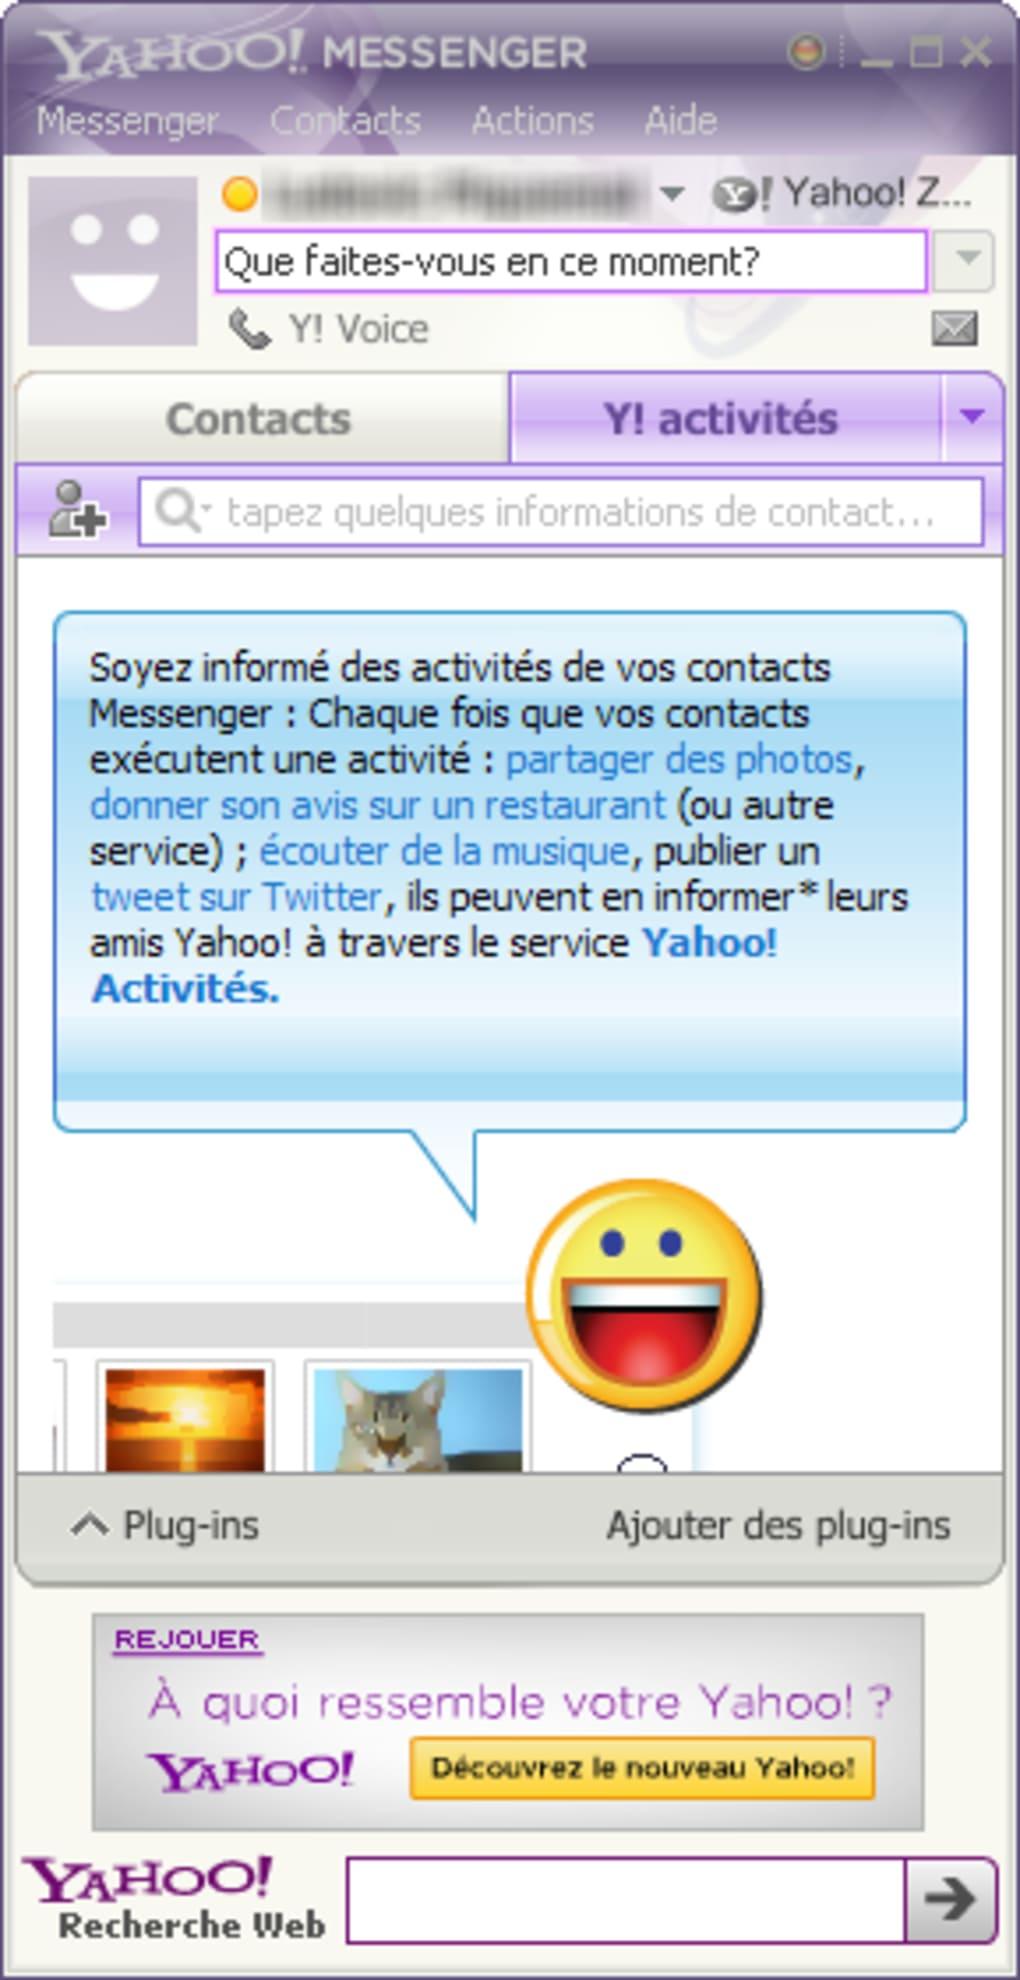 telecharger yahoo messagerie gratuite